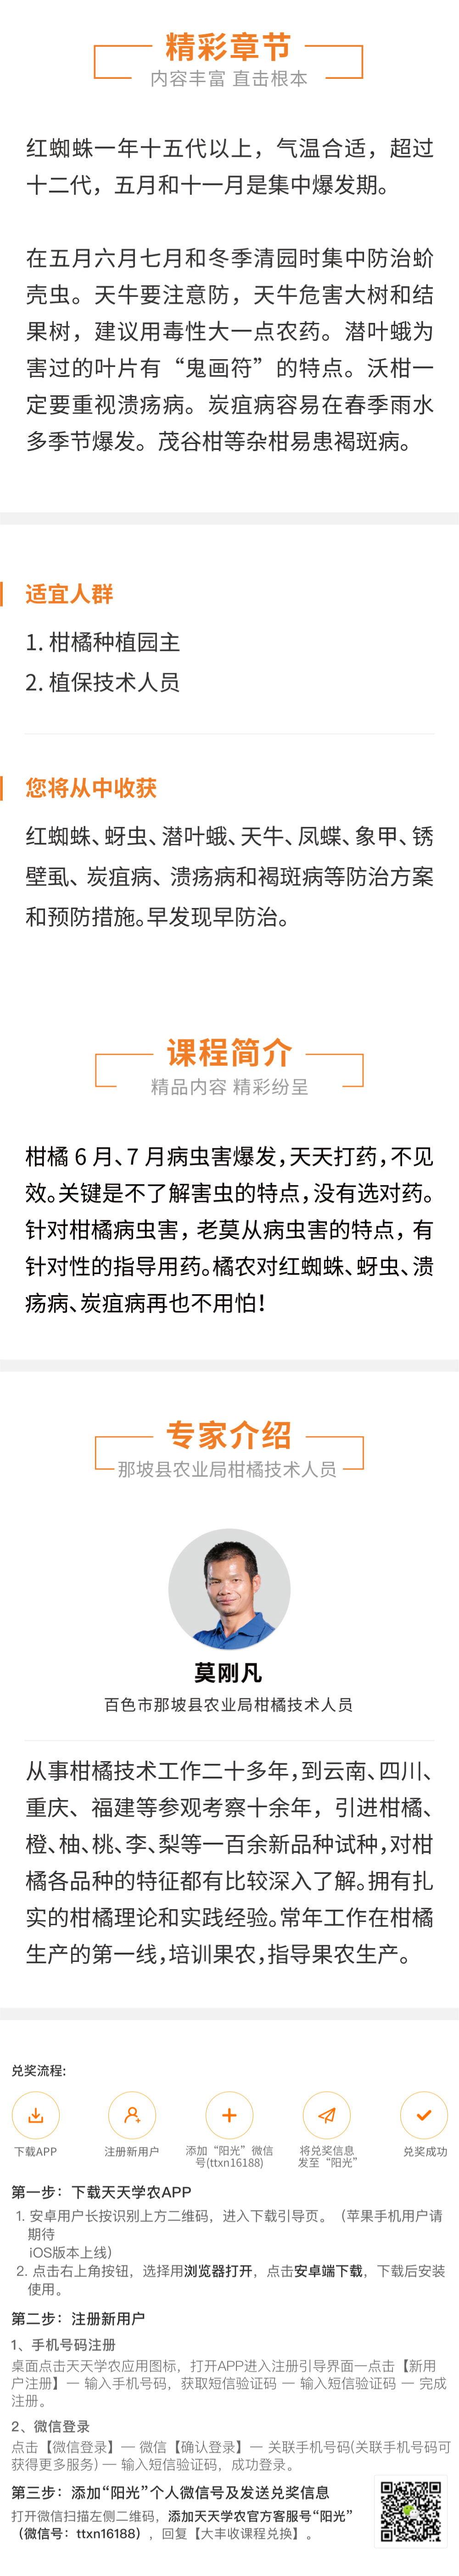 柑橘病虫害防治喷药指南课程_看图王.jpg